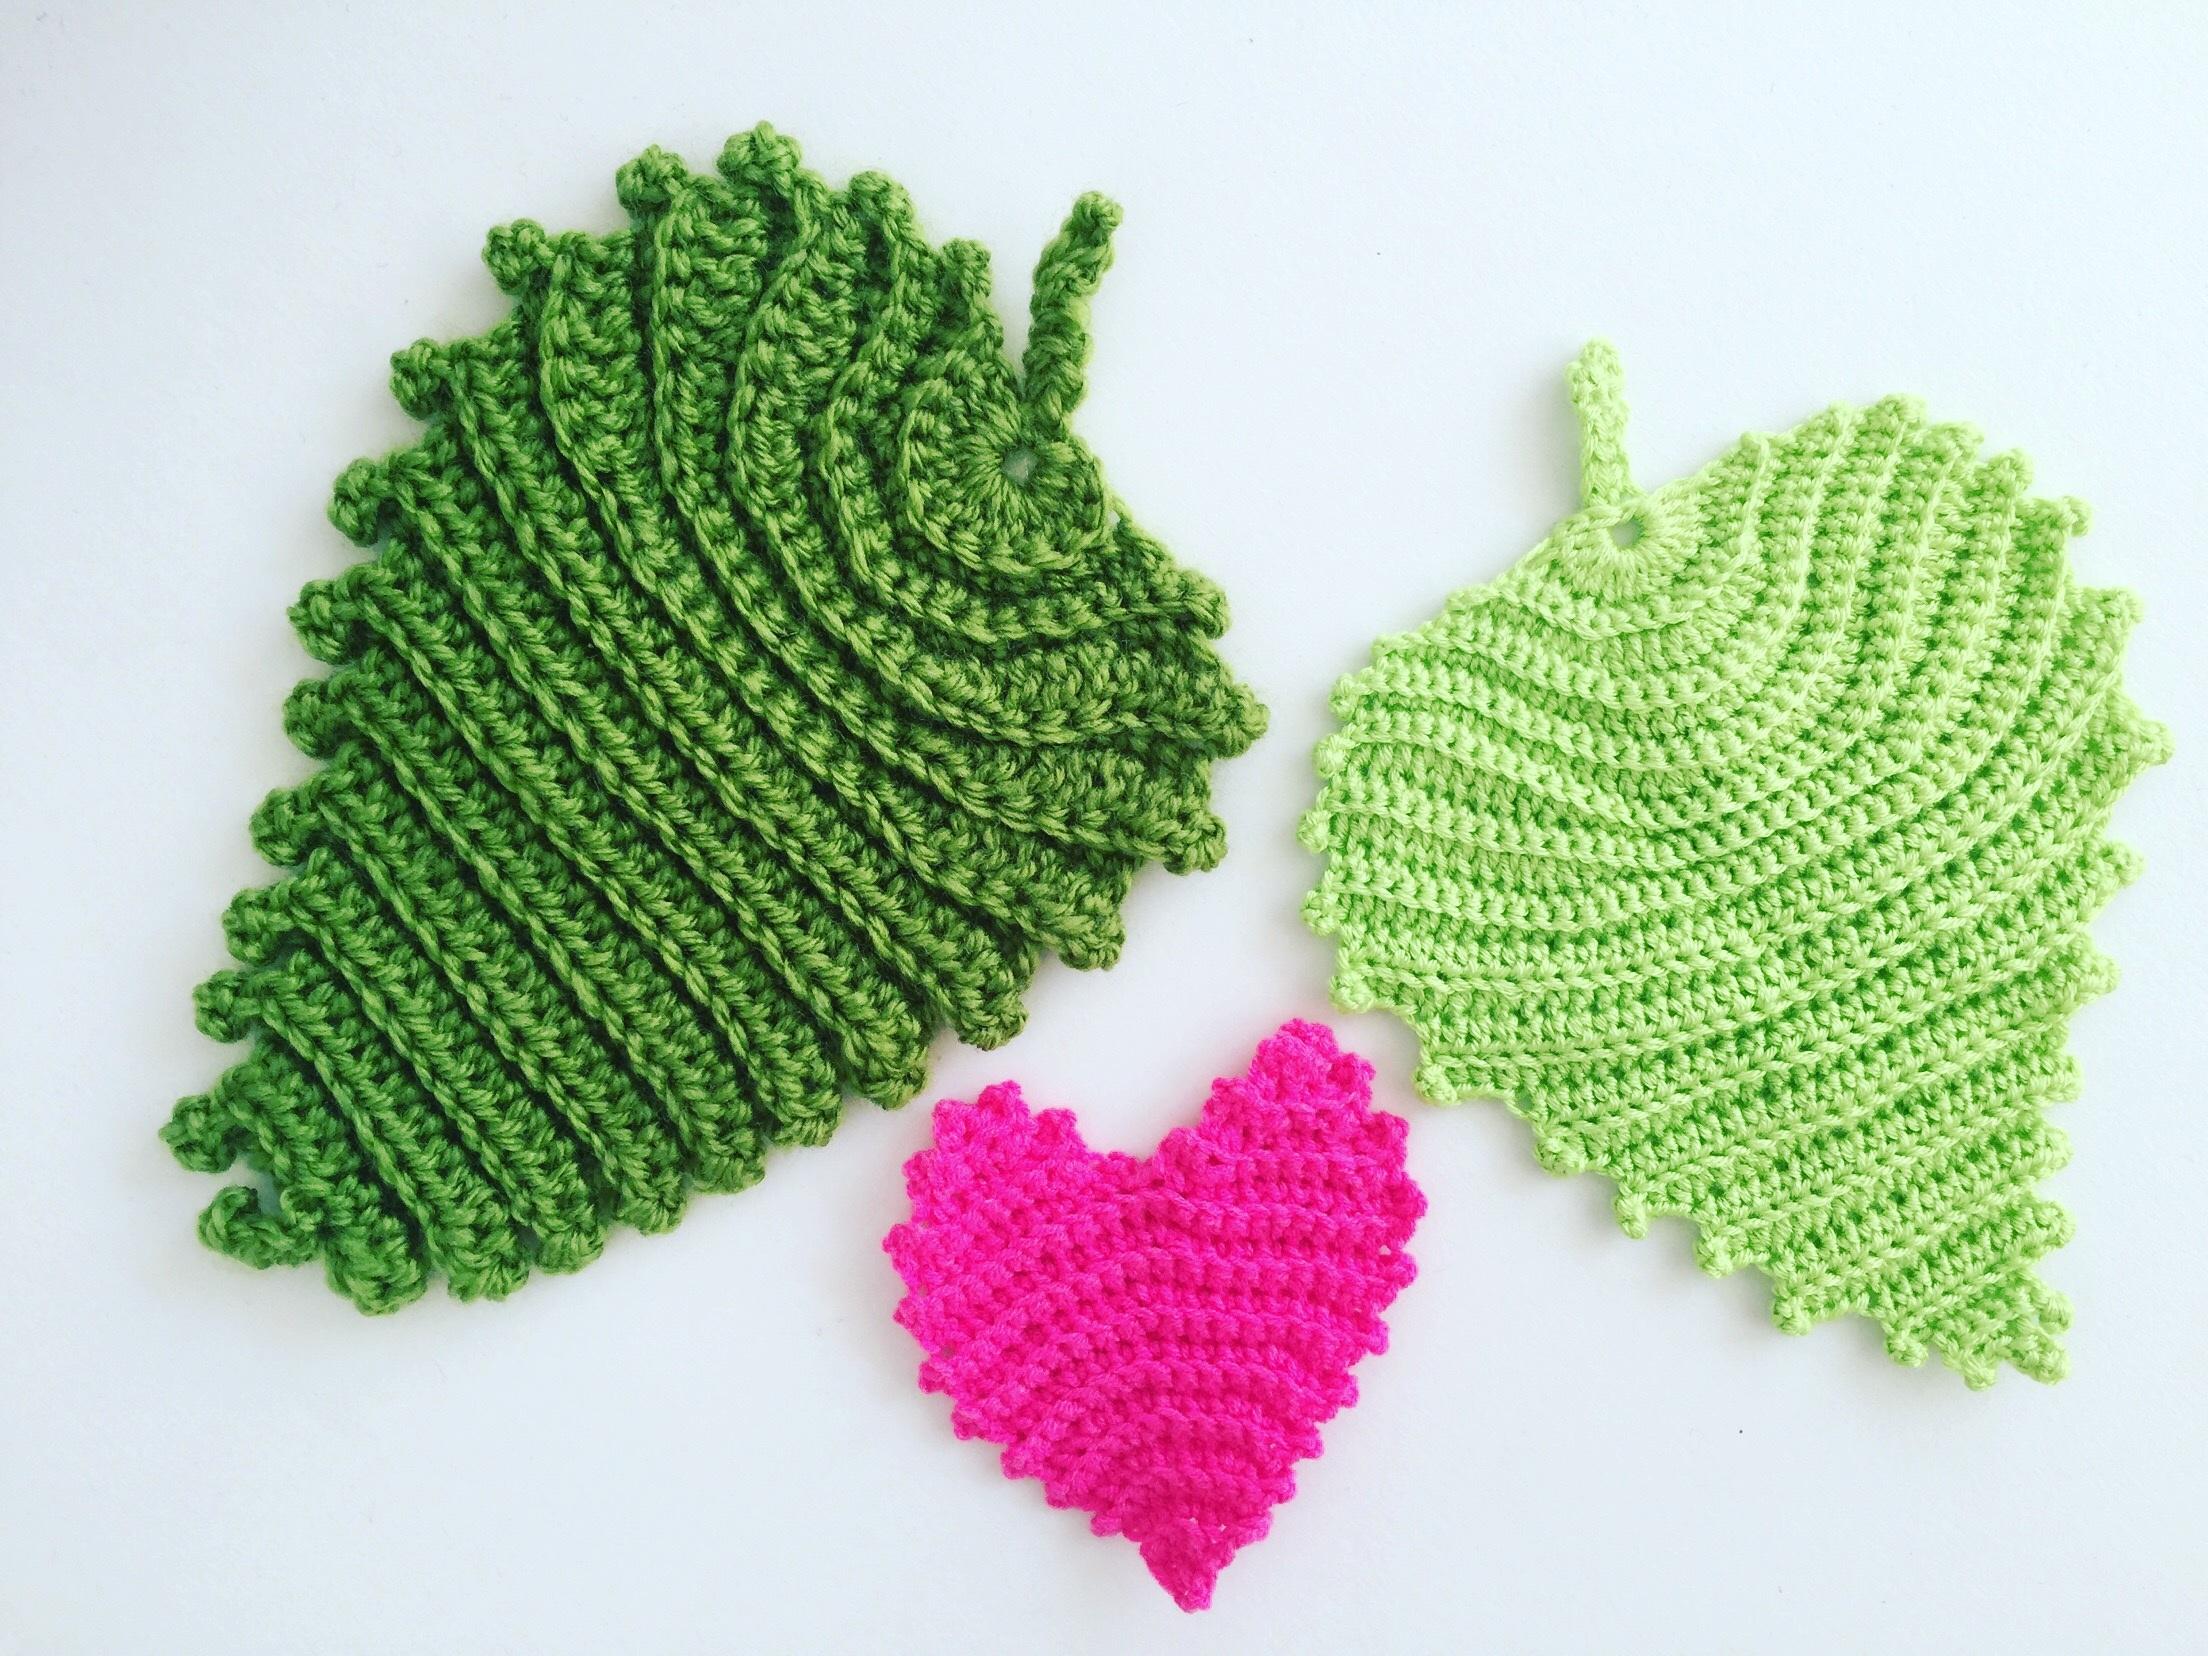 Fotos gratis : hoja, flor, corazón, patrón, verde, arte, hilo, lana ...